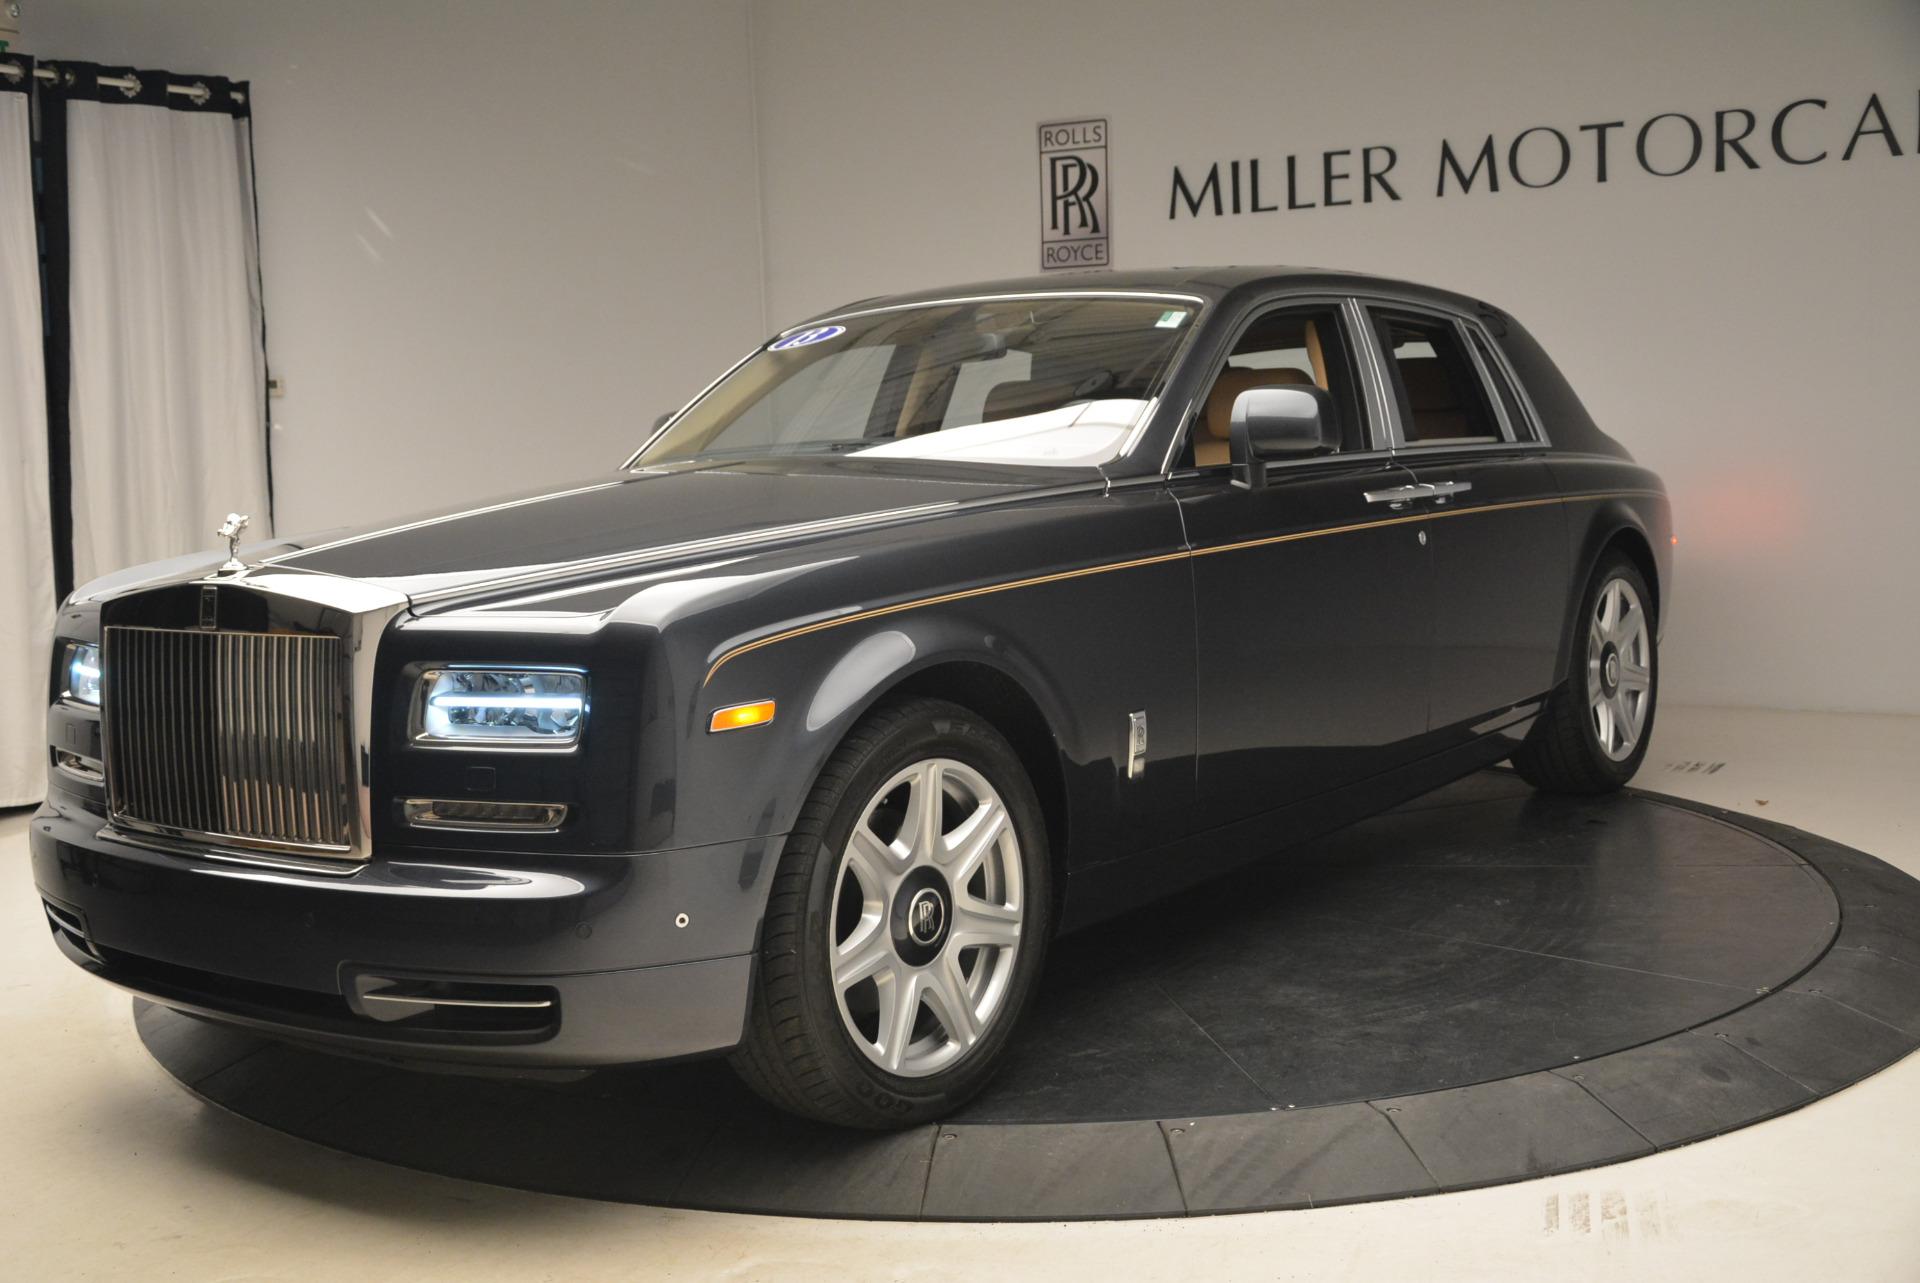 Used 2013 Rolls-Royce Phantom for sale Sold at Alfa Romeo of Westport in Westport CT 06880 1